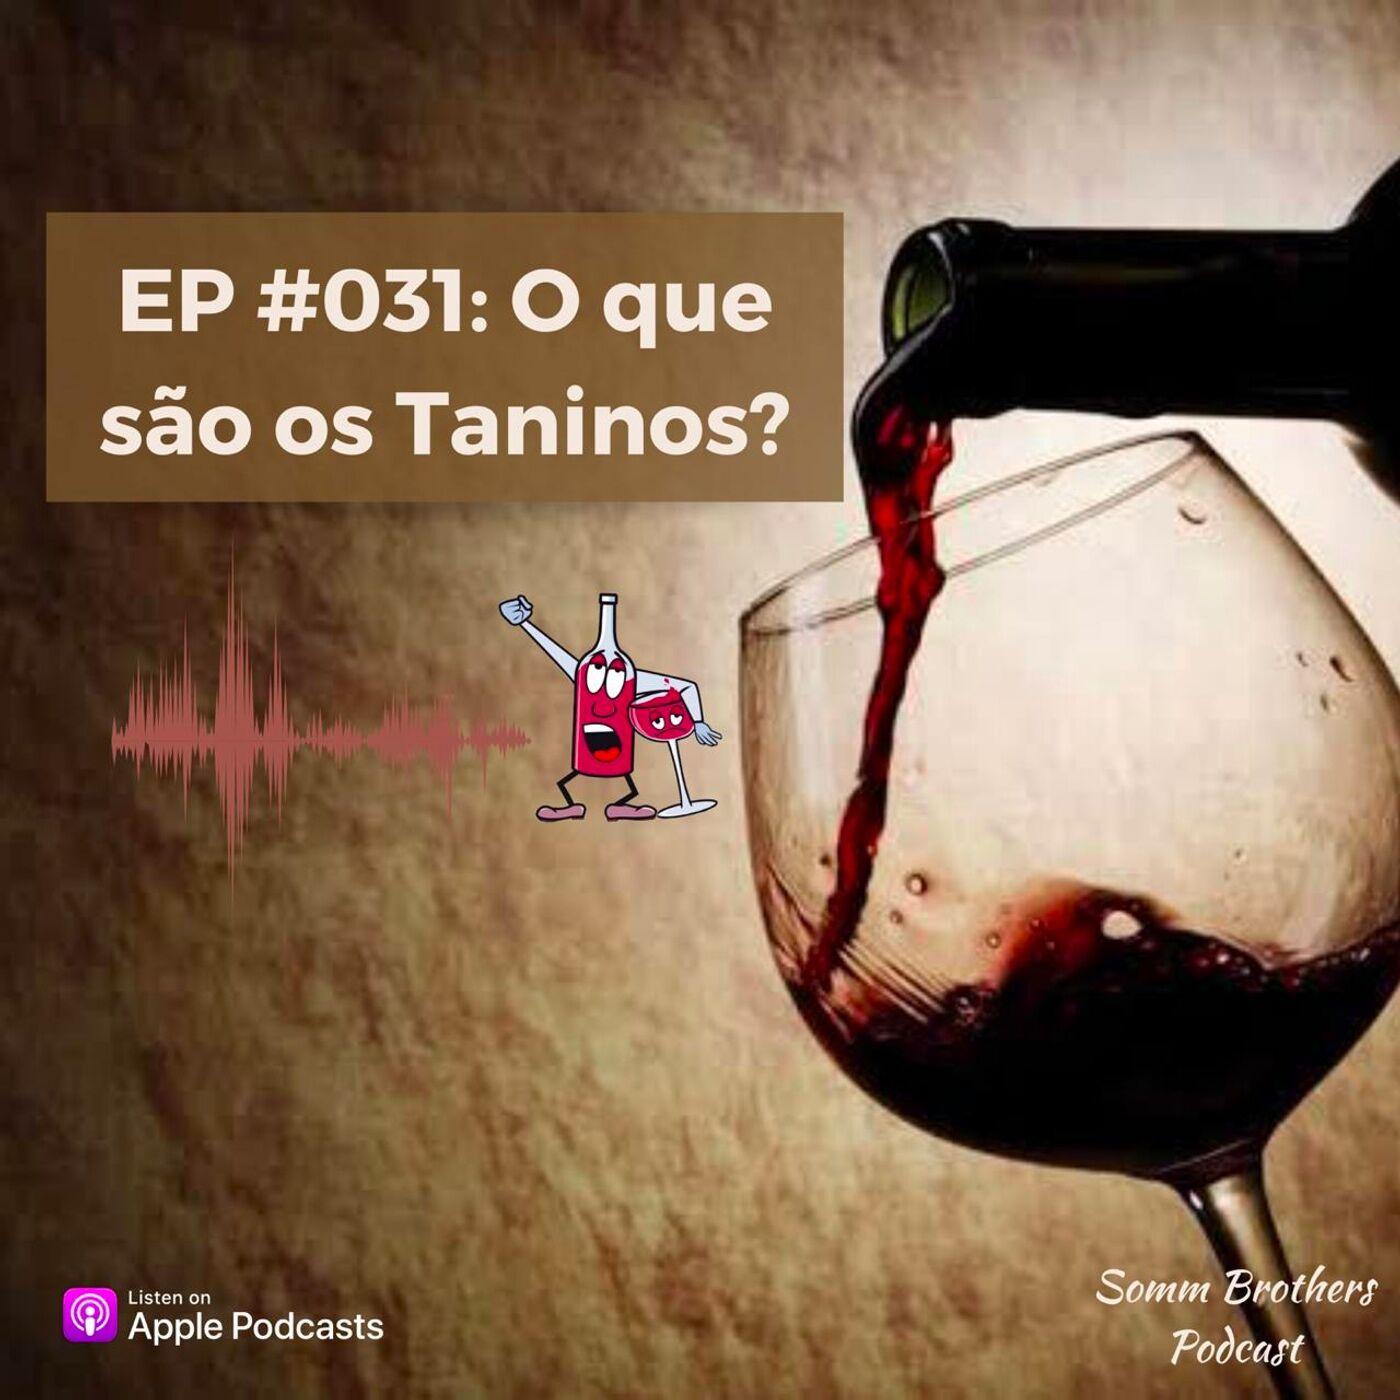 EP #031 - O que são os Taninos?